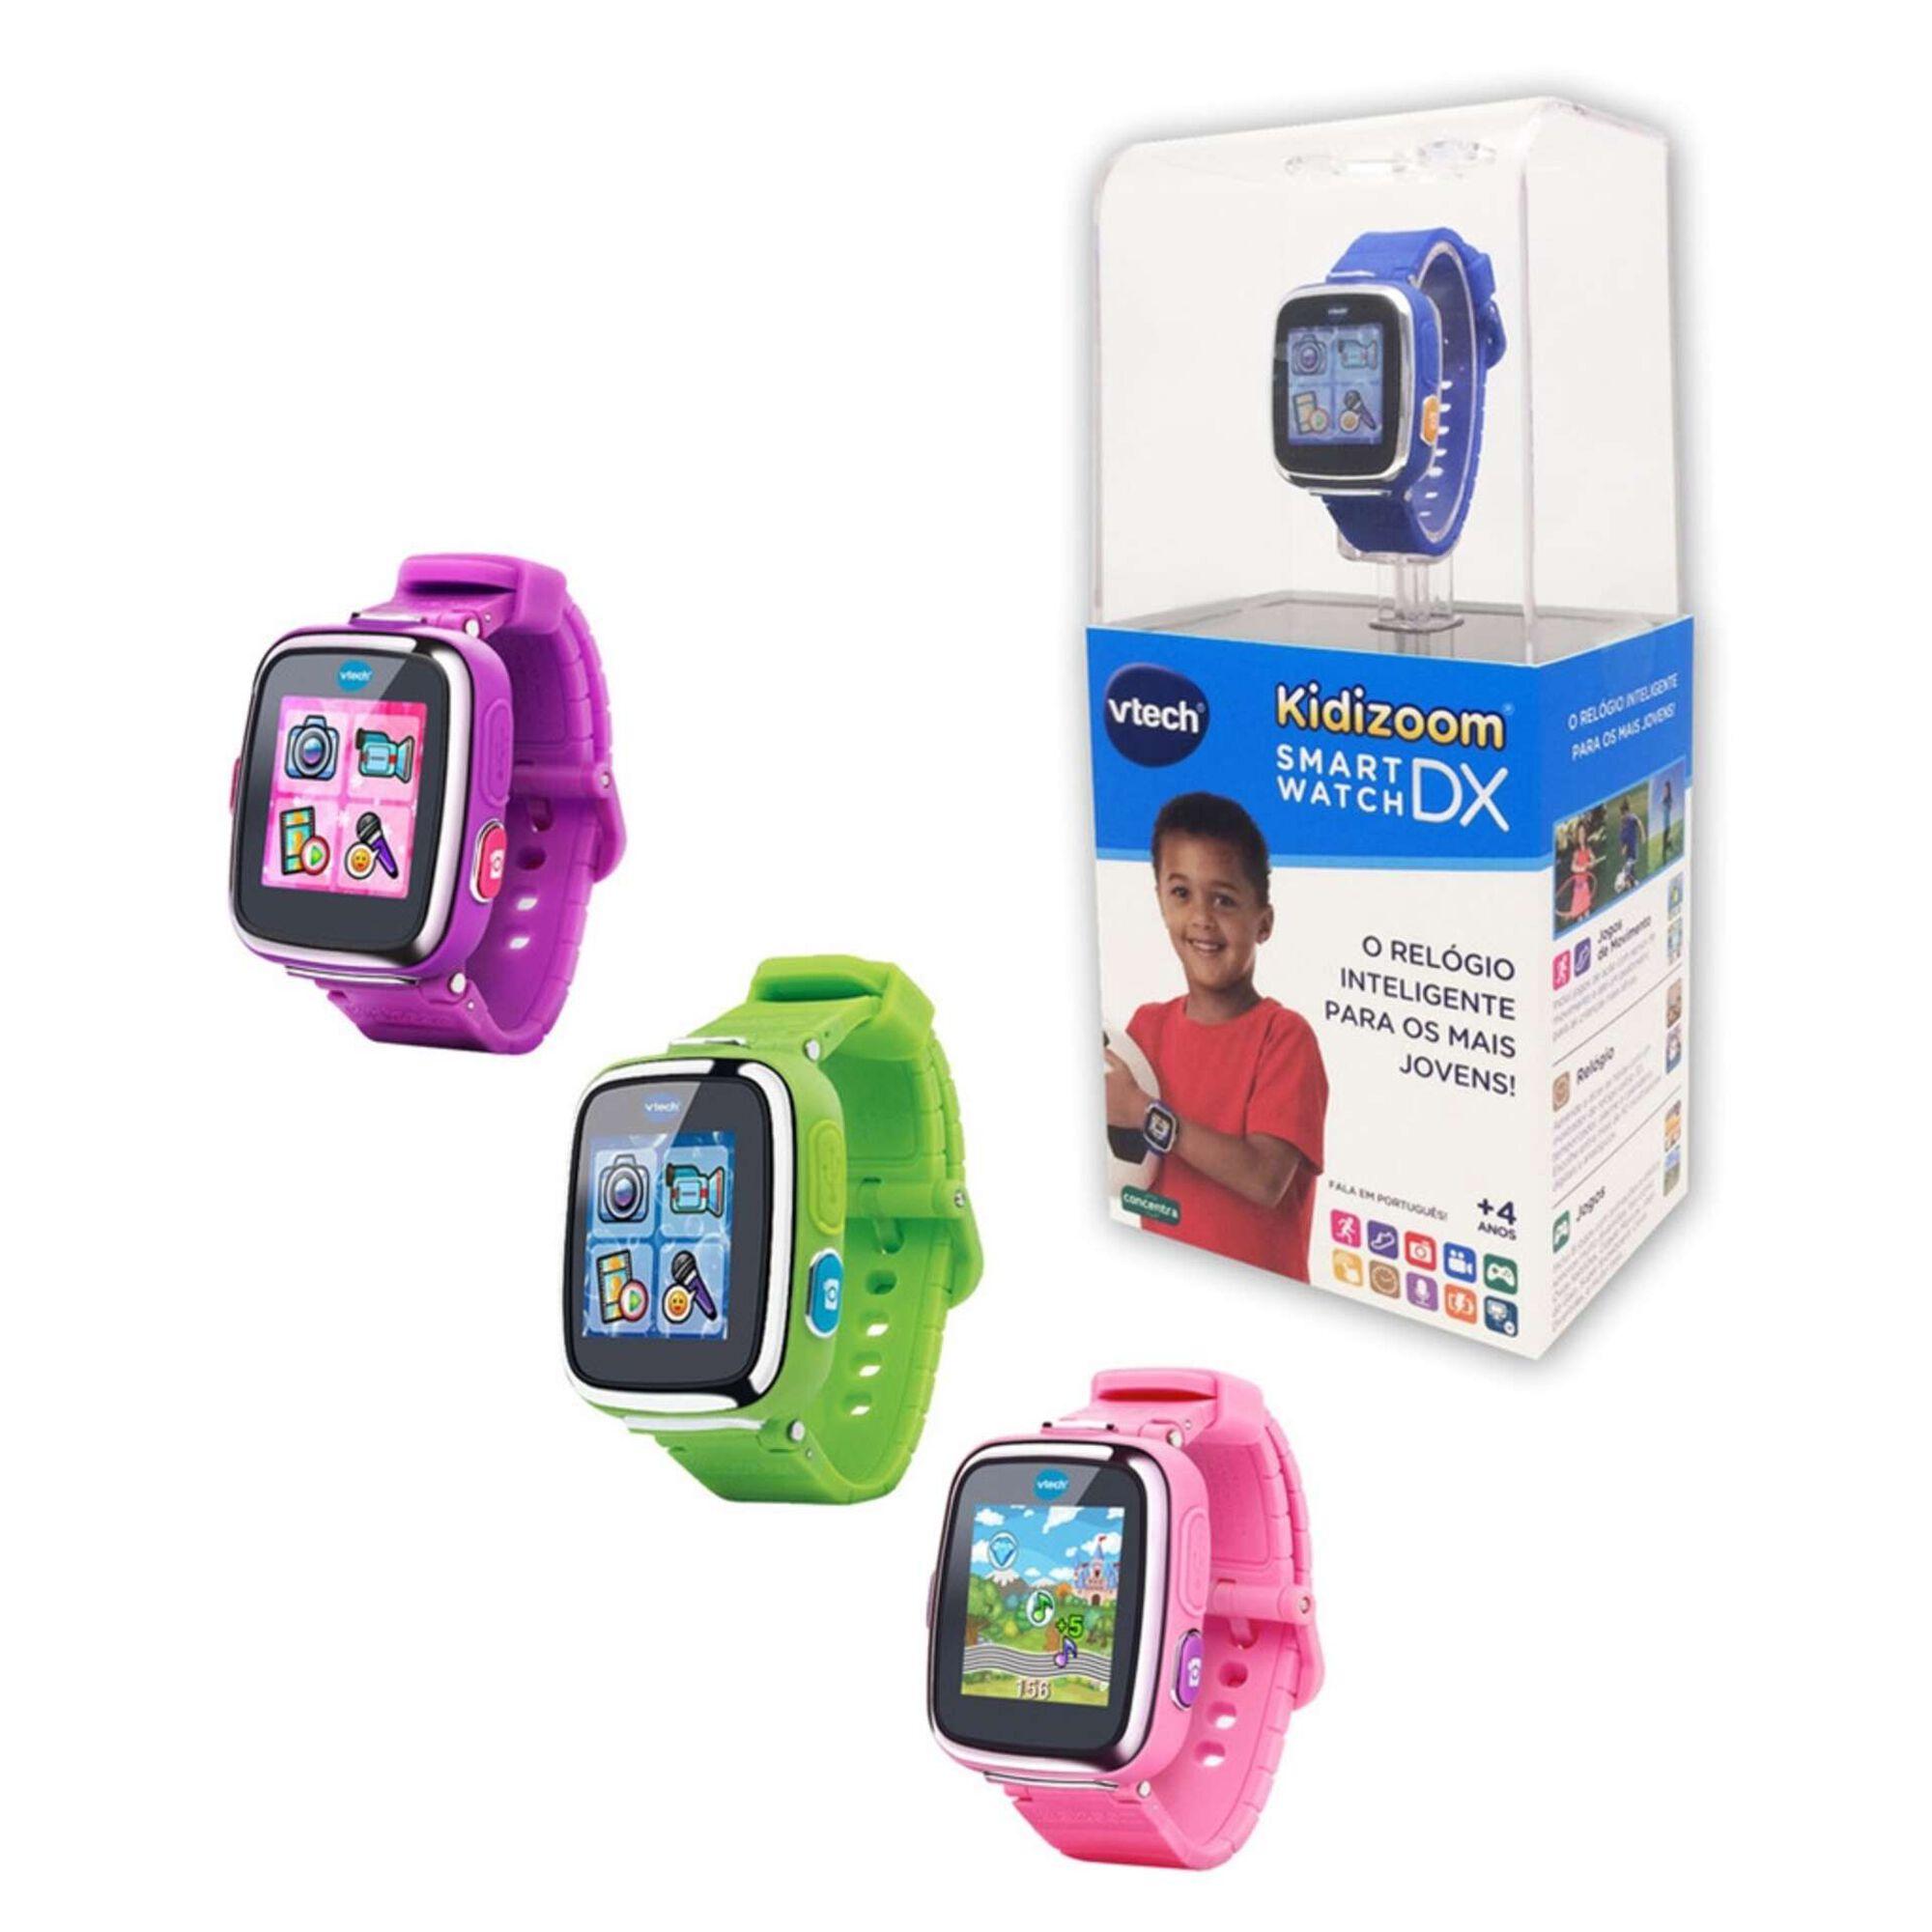 Smart Watch Dx Kidizoom - Relógio 2.0